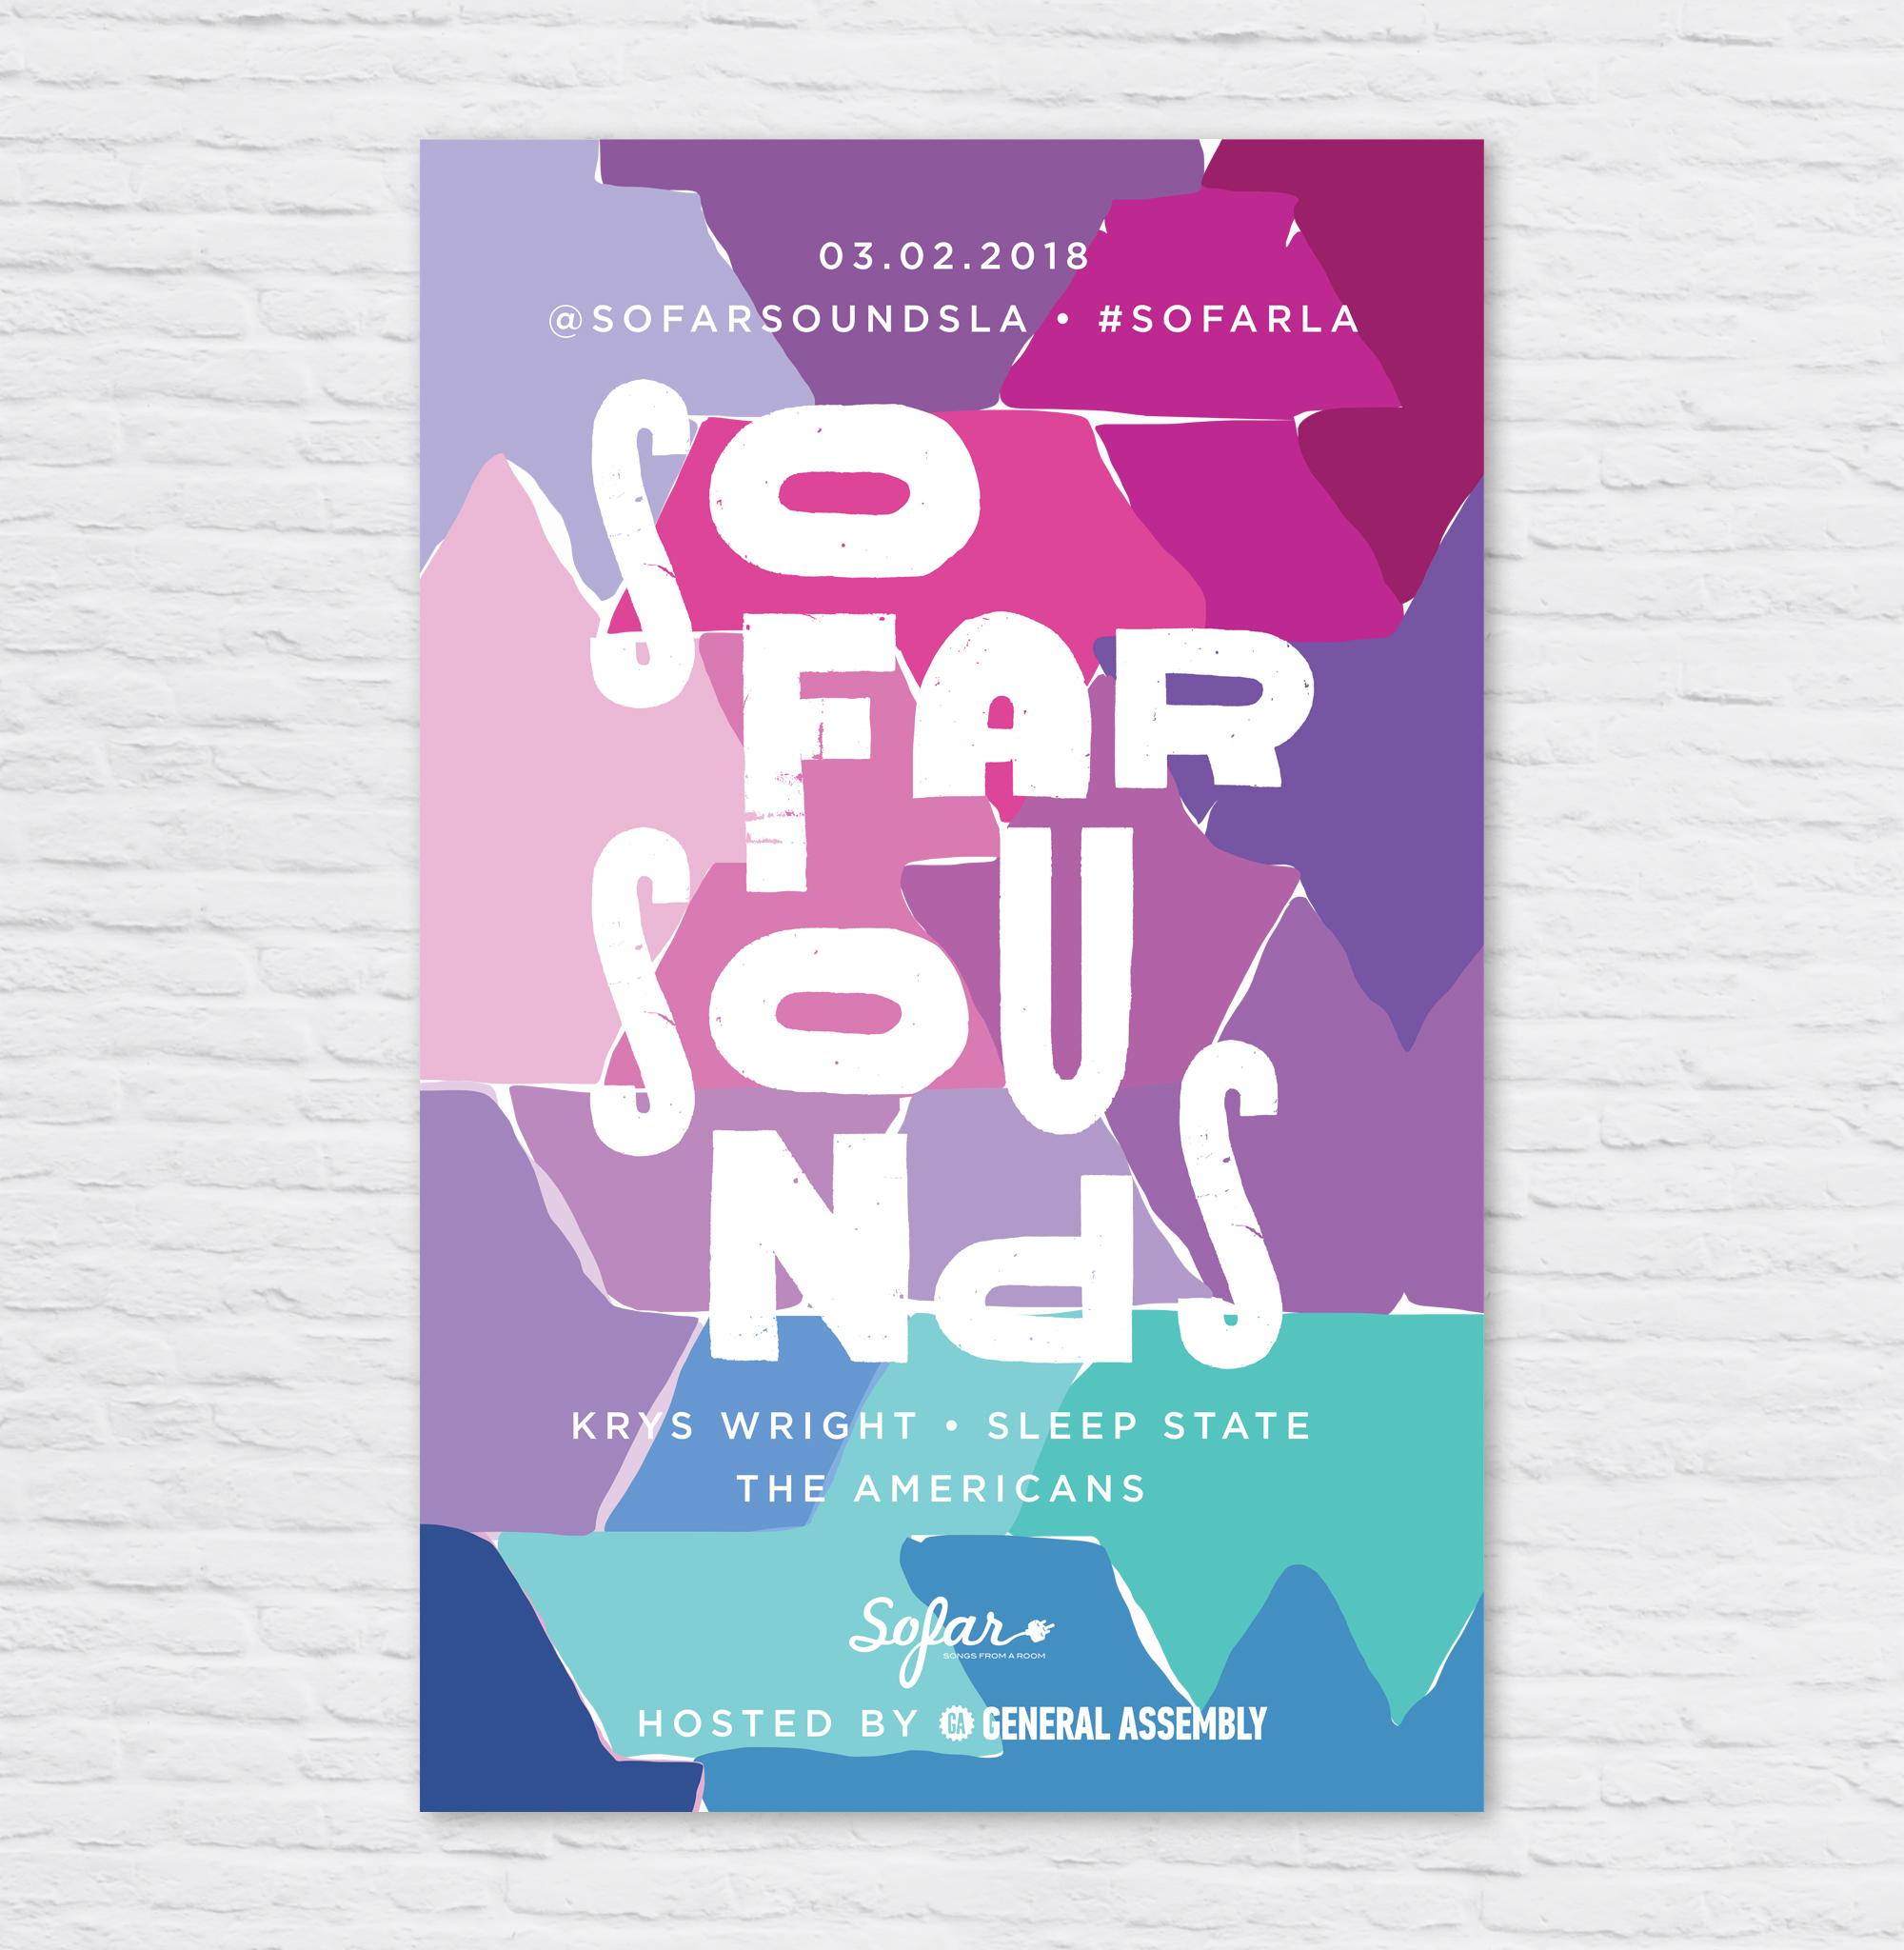 SoFar Sounds Poster Design: 03.02 — Chrissi Hernandez